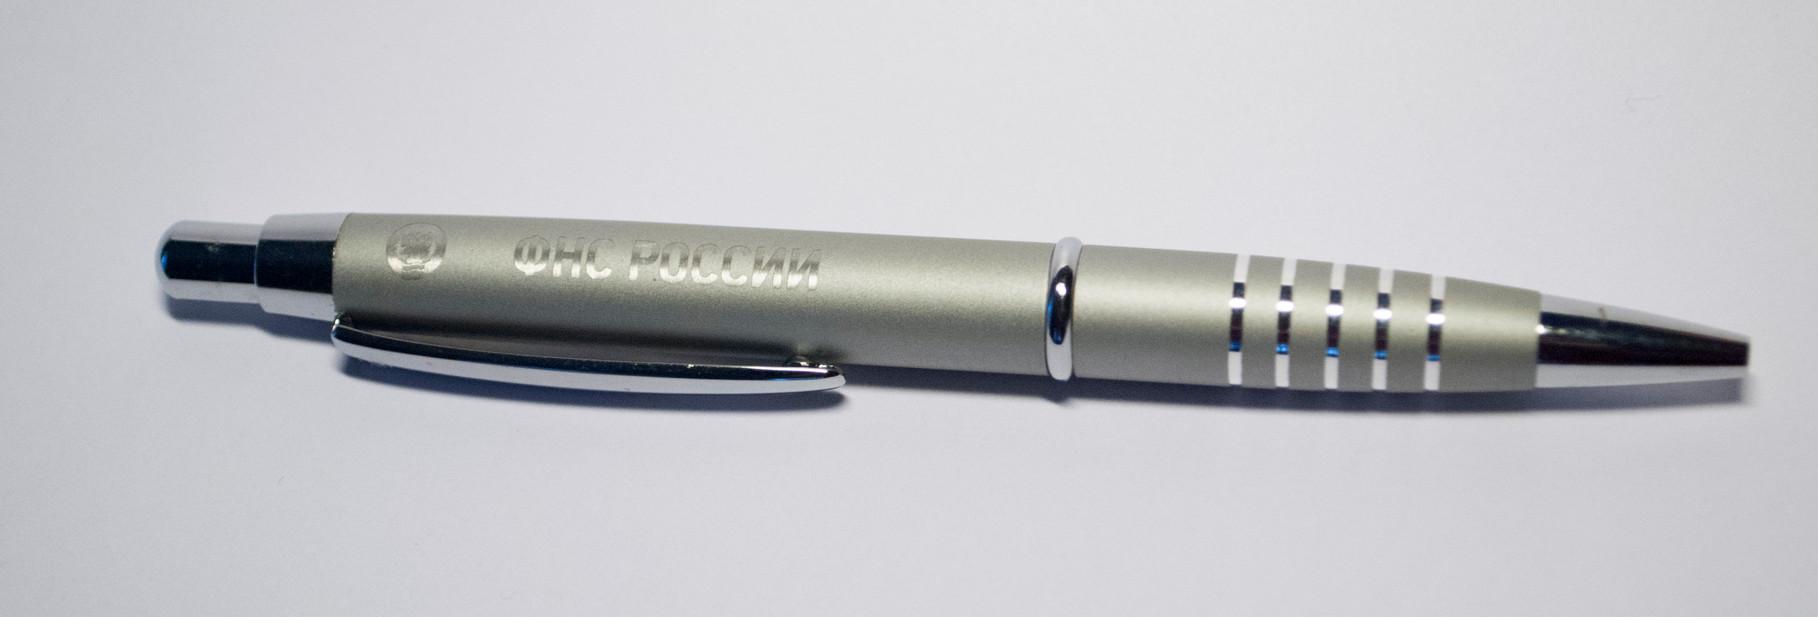 Нанесение логотипа на ручку методом гравировки